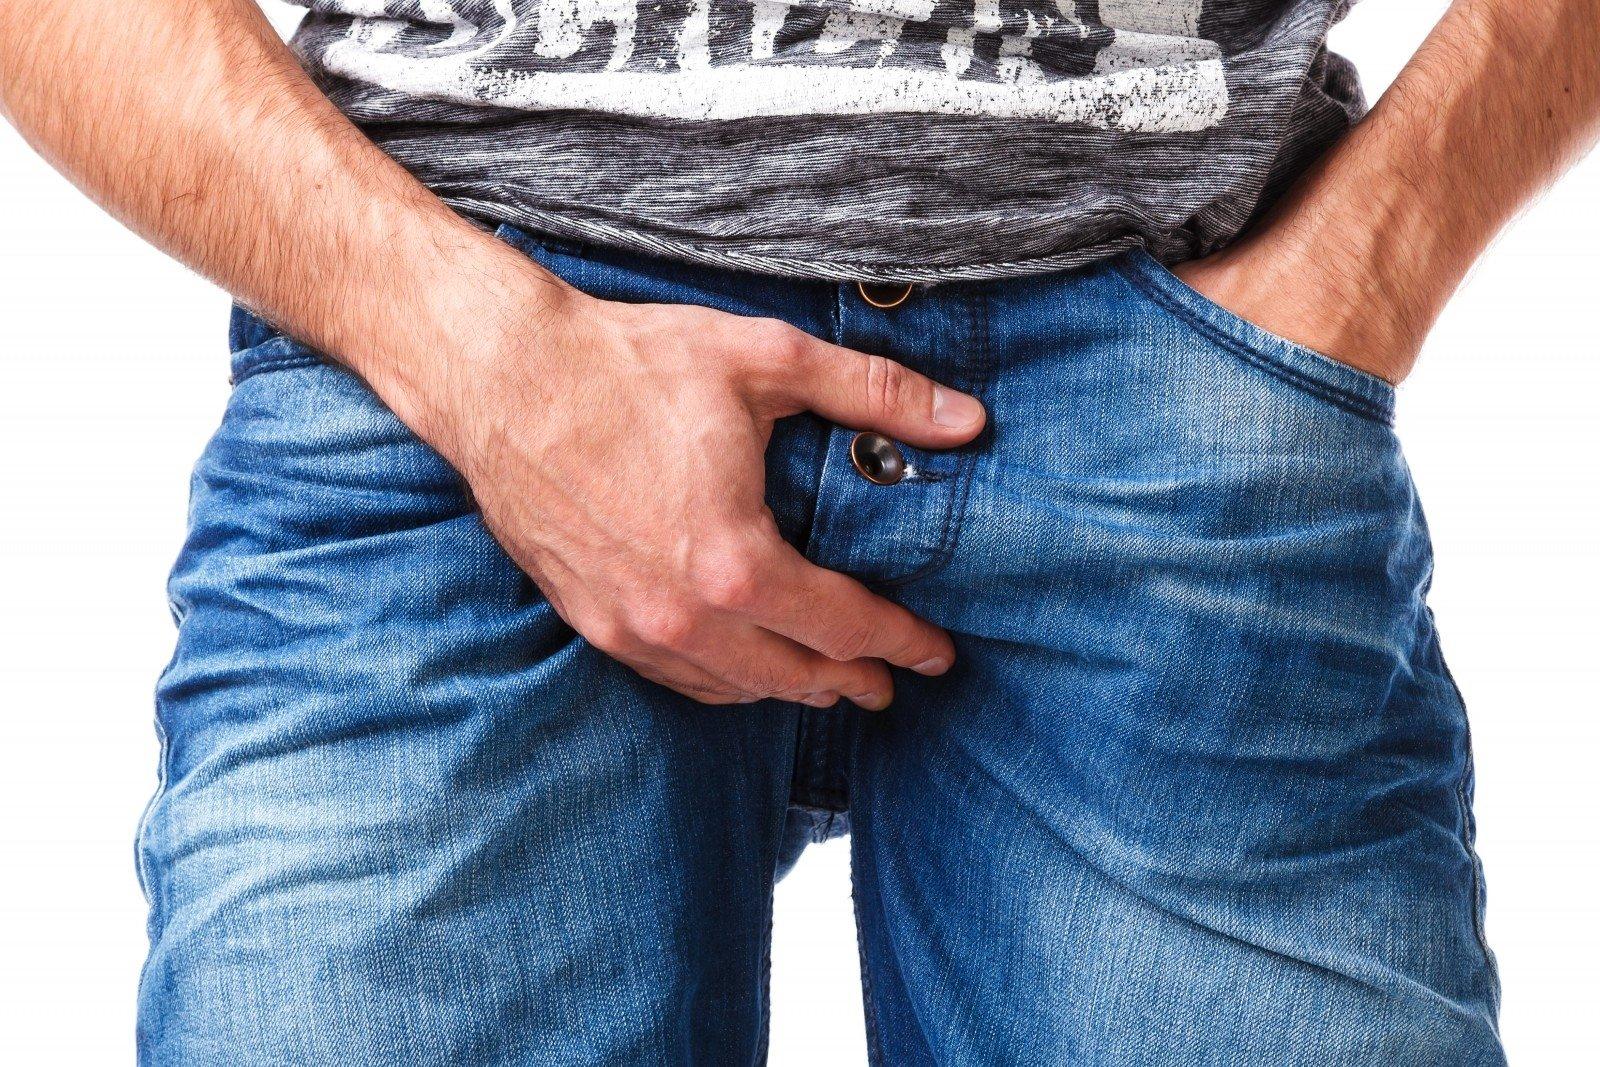 padidinti nario medicinos metoda erekcijos atkūrimas po radikalios prostatektomijos